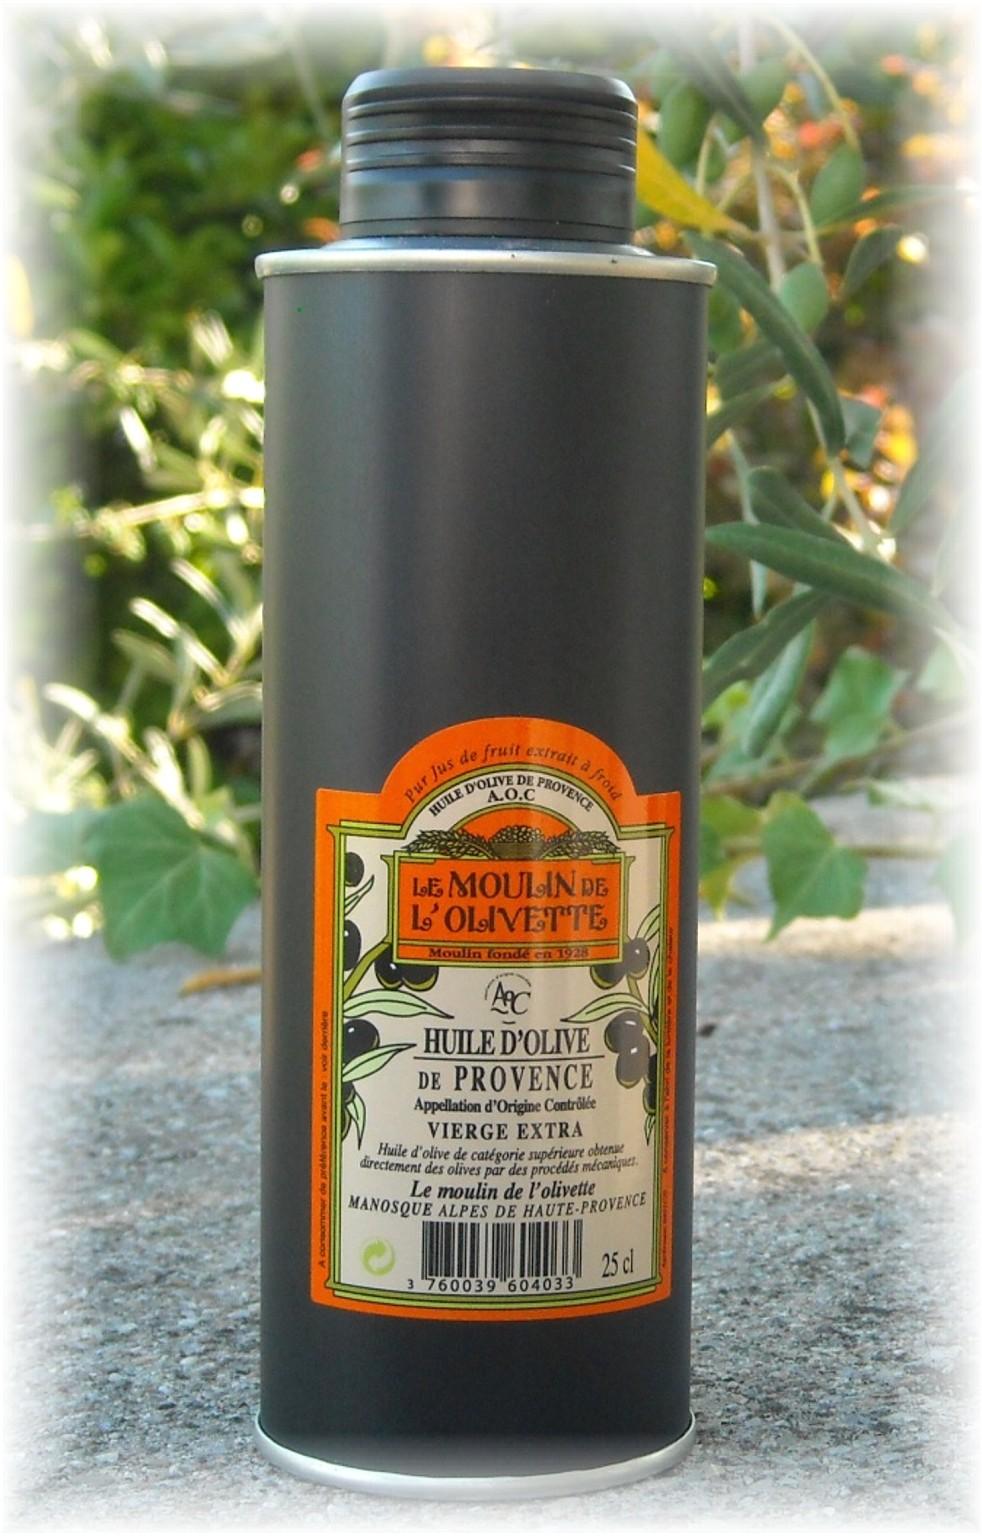 huile d 39 olive v extra aoc provence huile d 39 olive de provence aoc en vente directe du. Black Bedroom Furniture Sets. Home Design Ideas